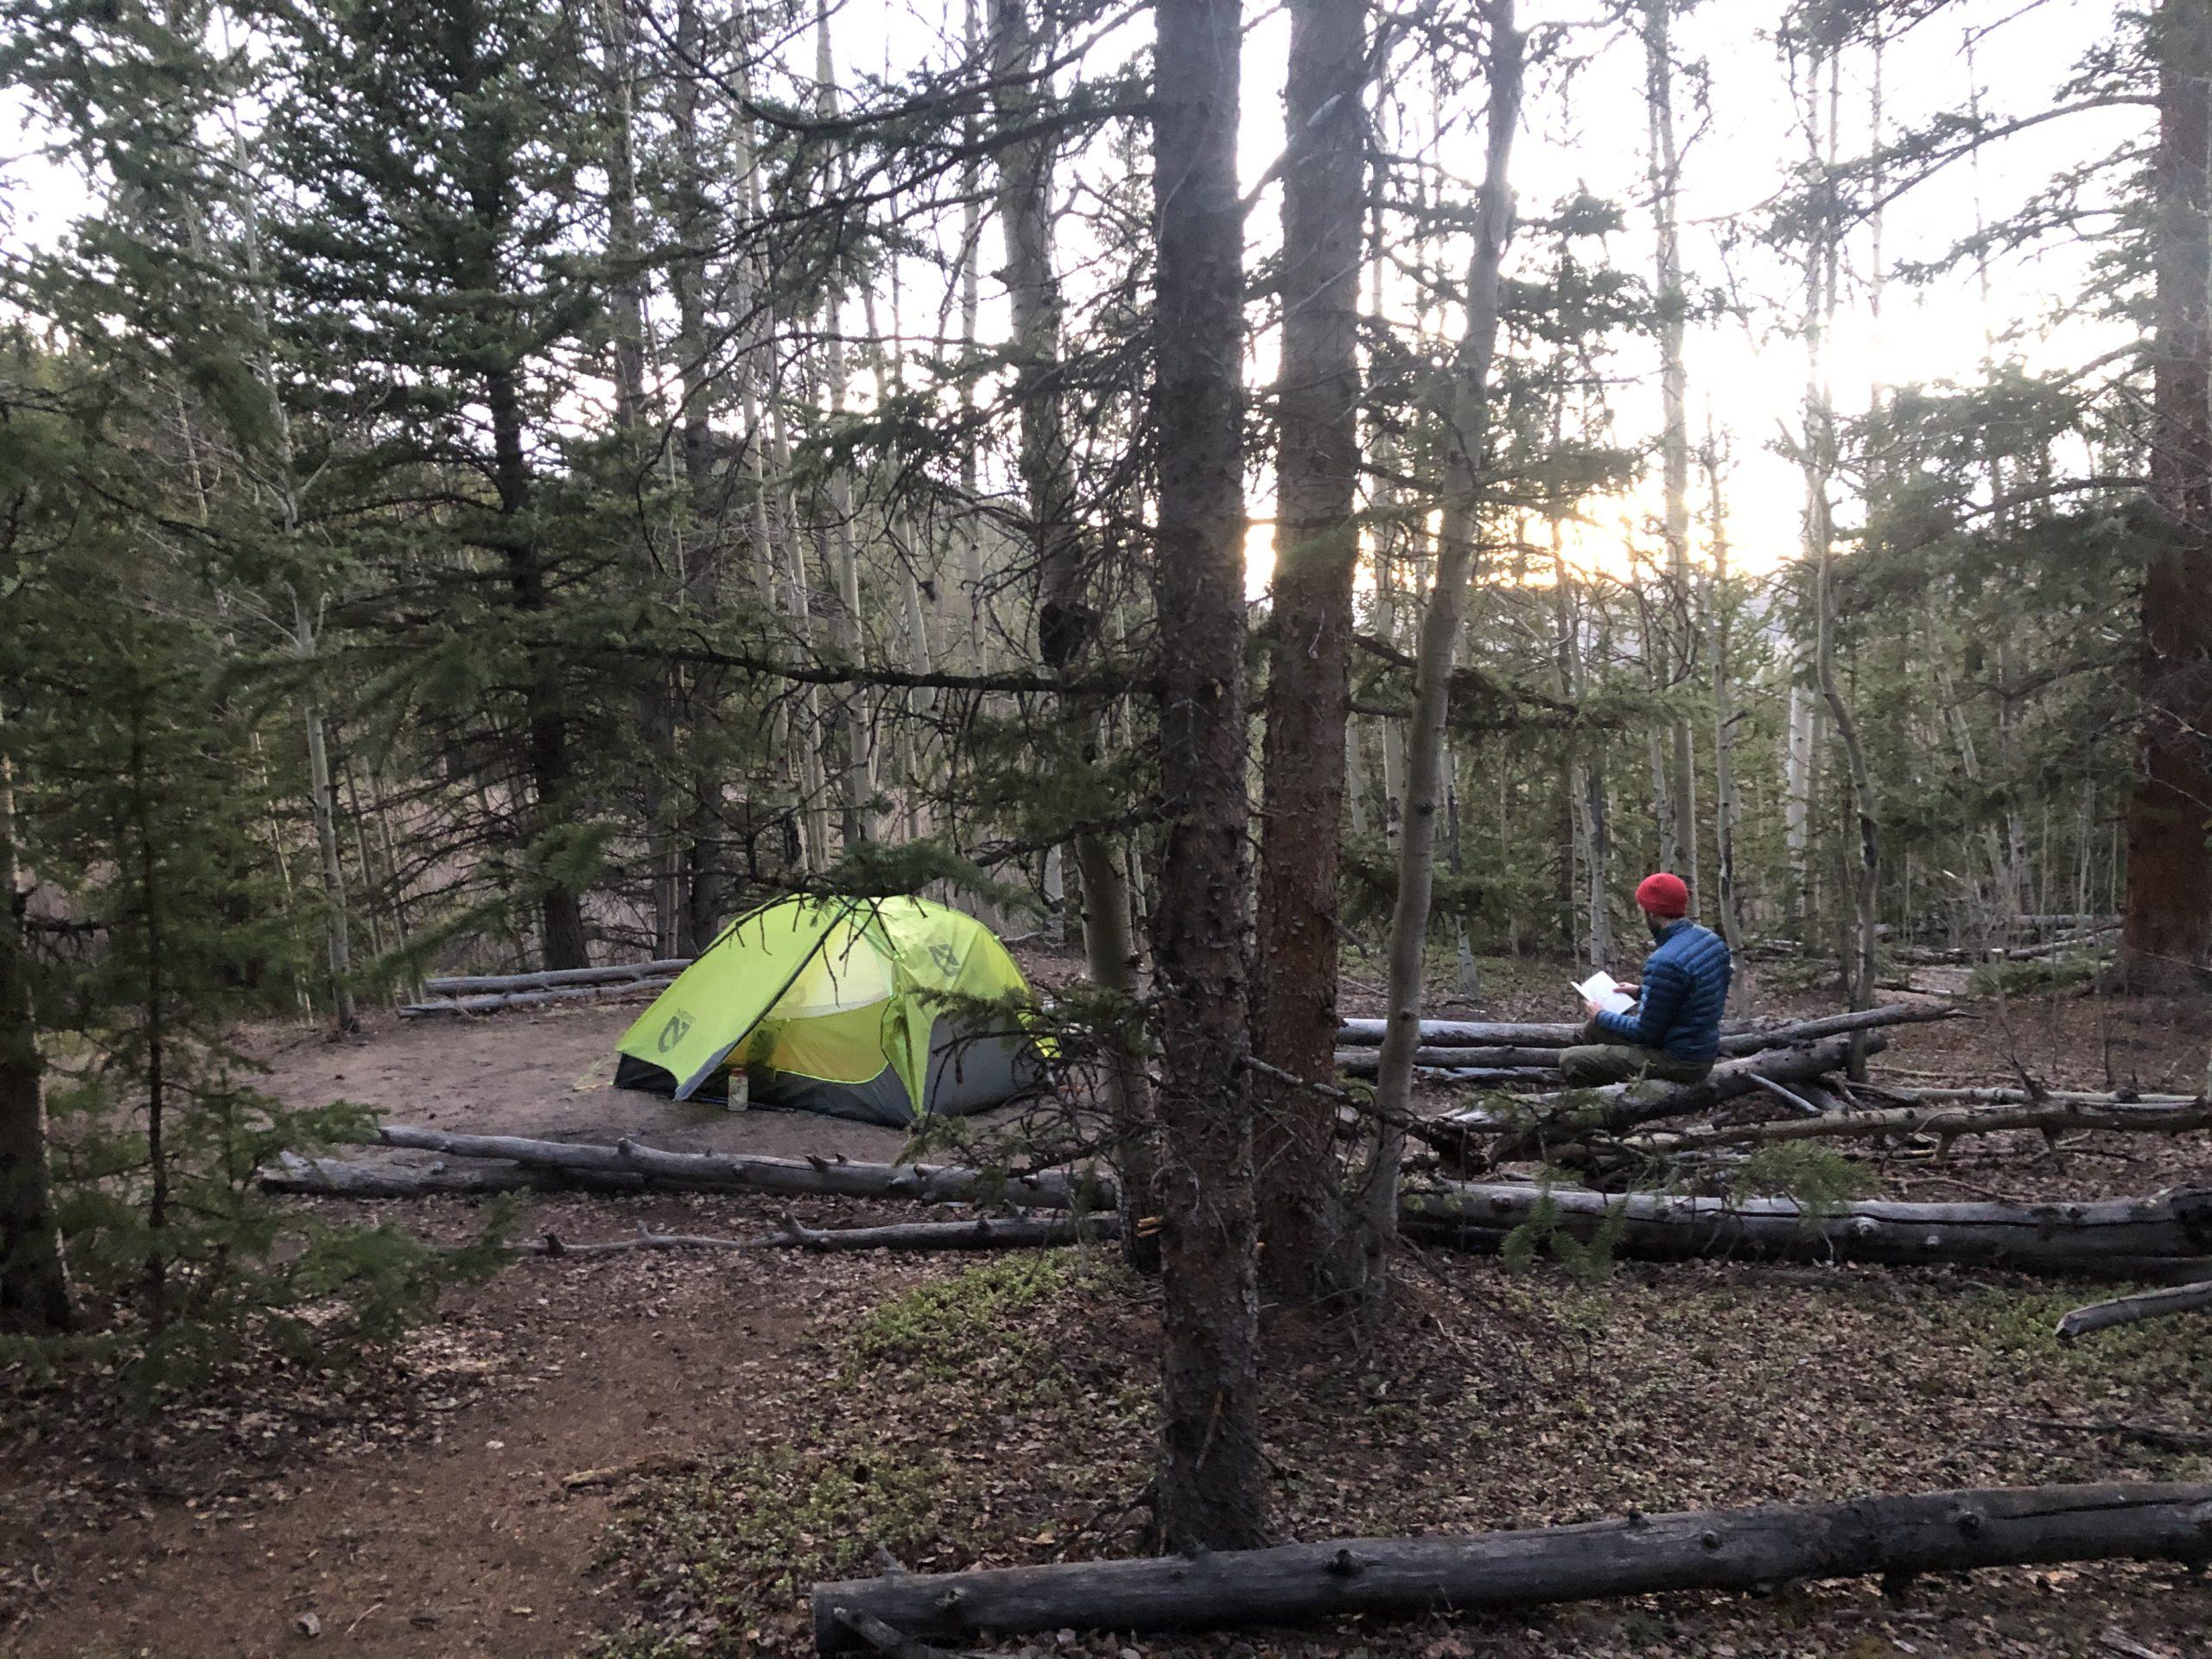 Saturday night campsite